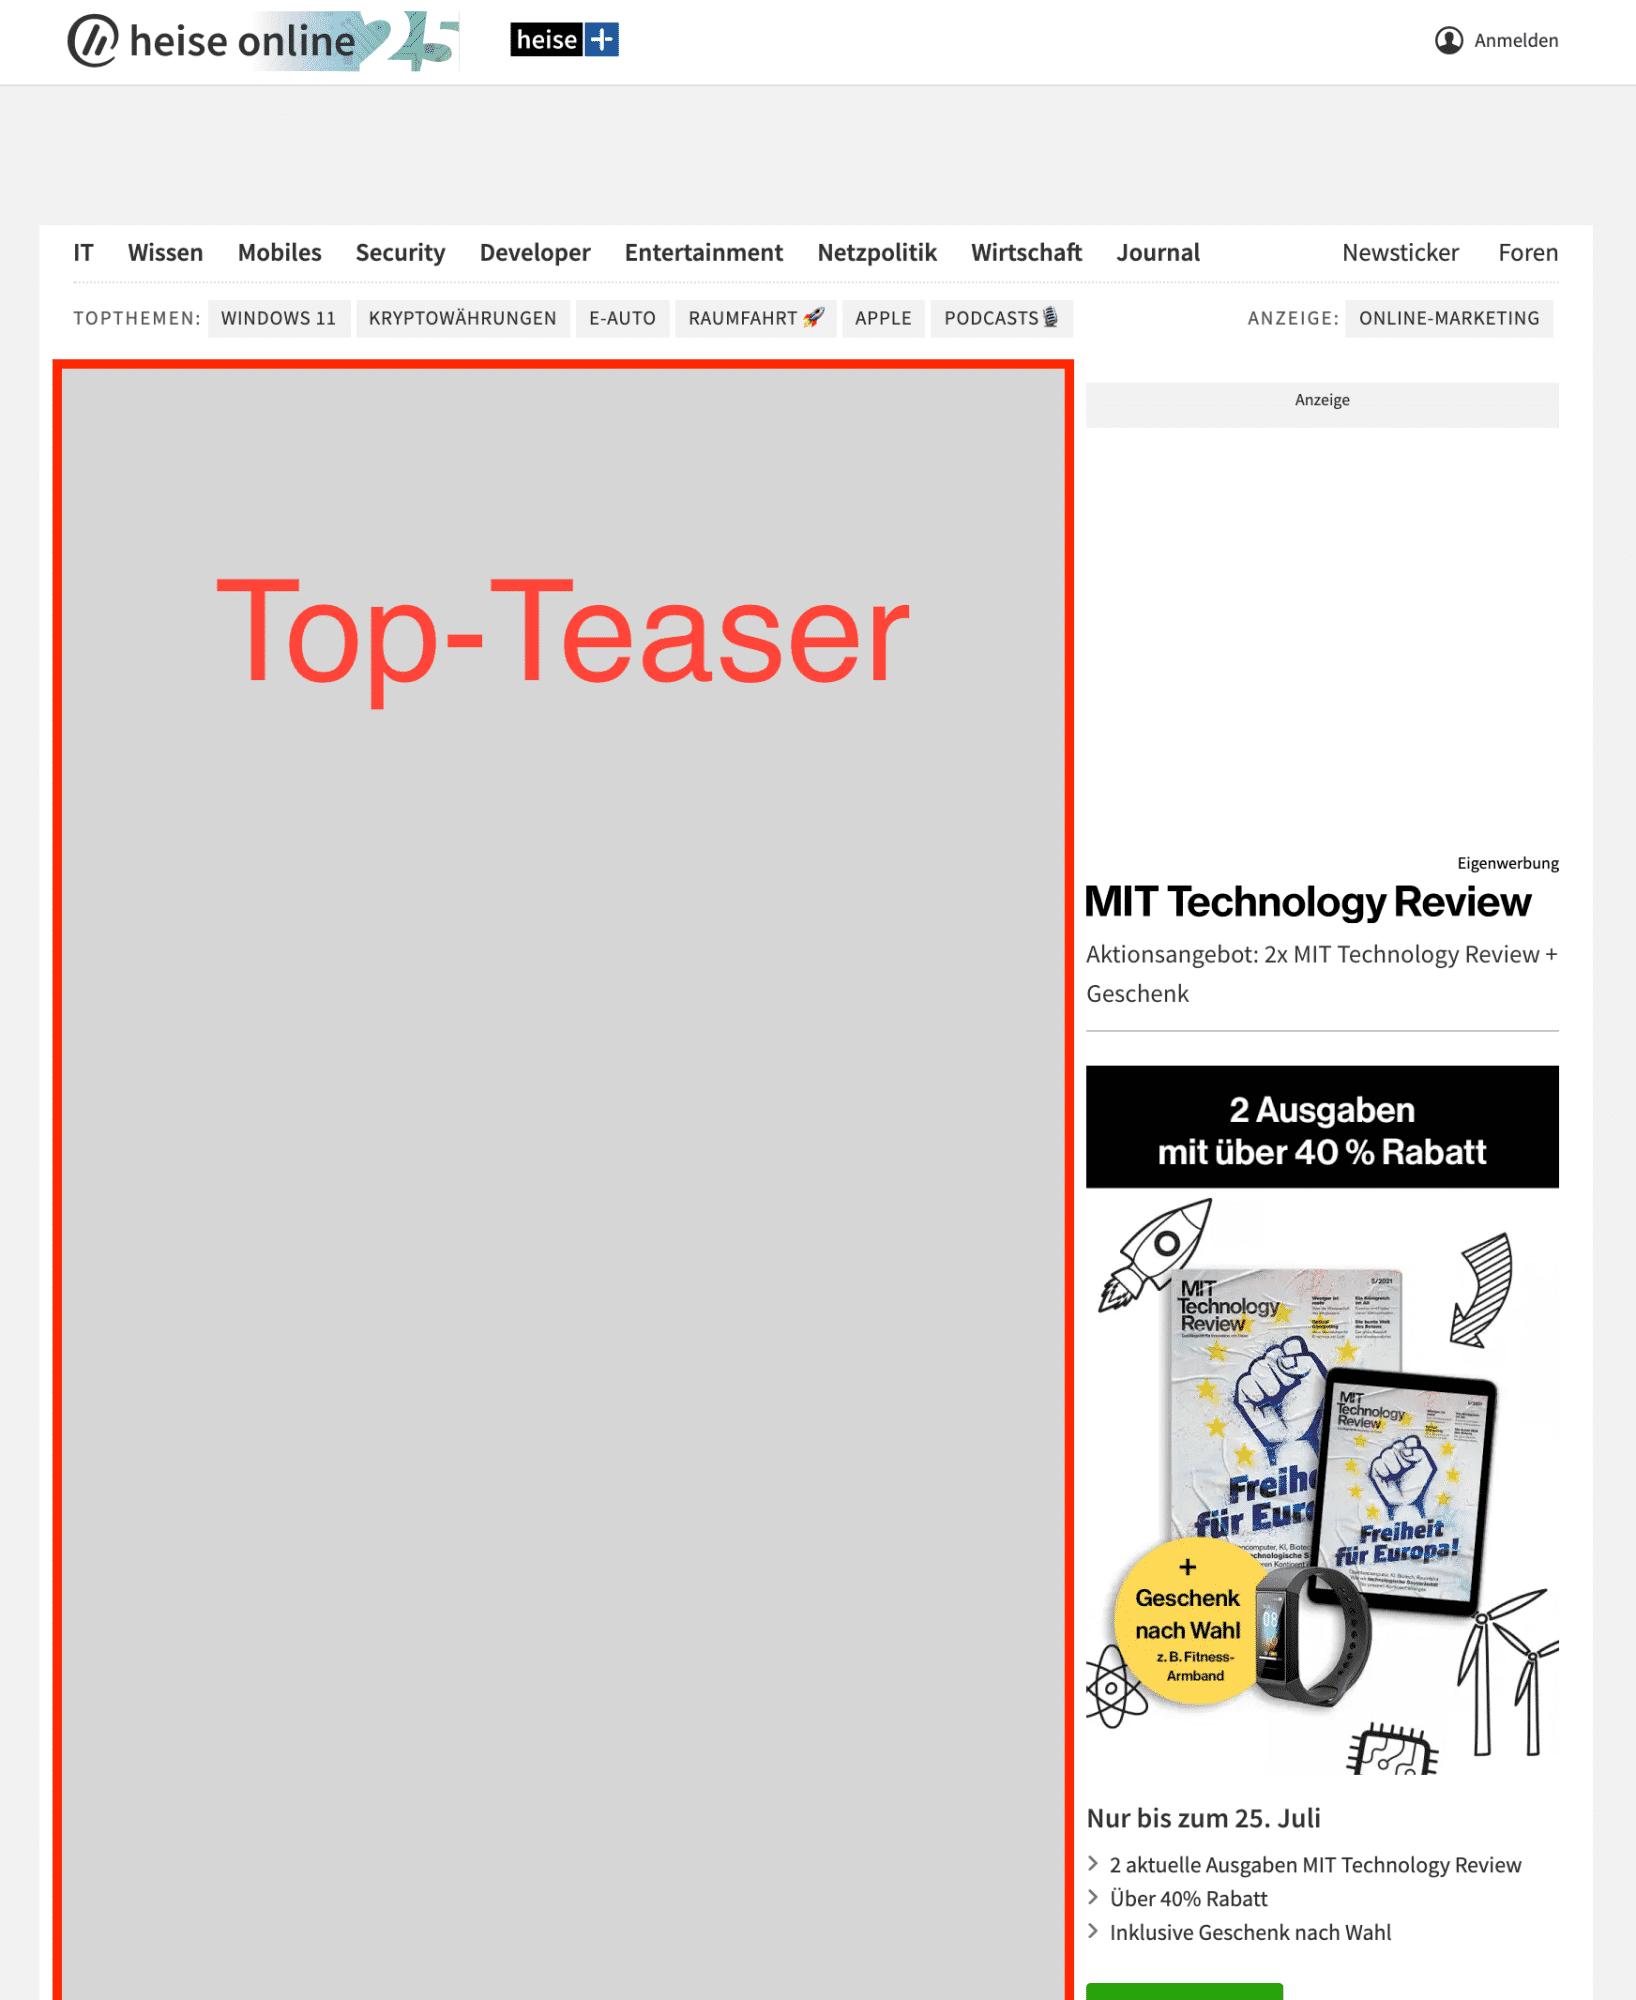 Top-Teaser-Bereich auf der heise online Startseite.